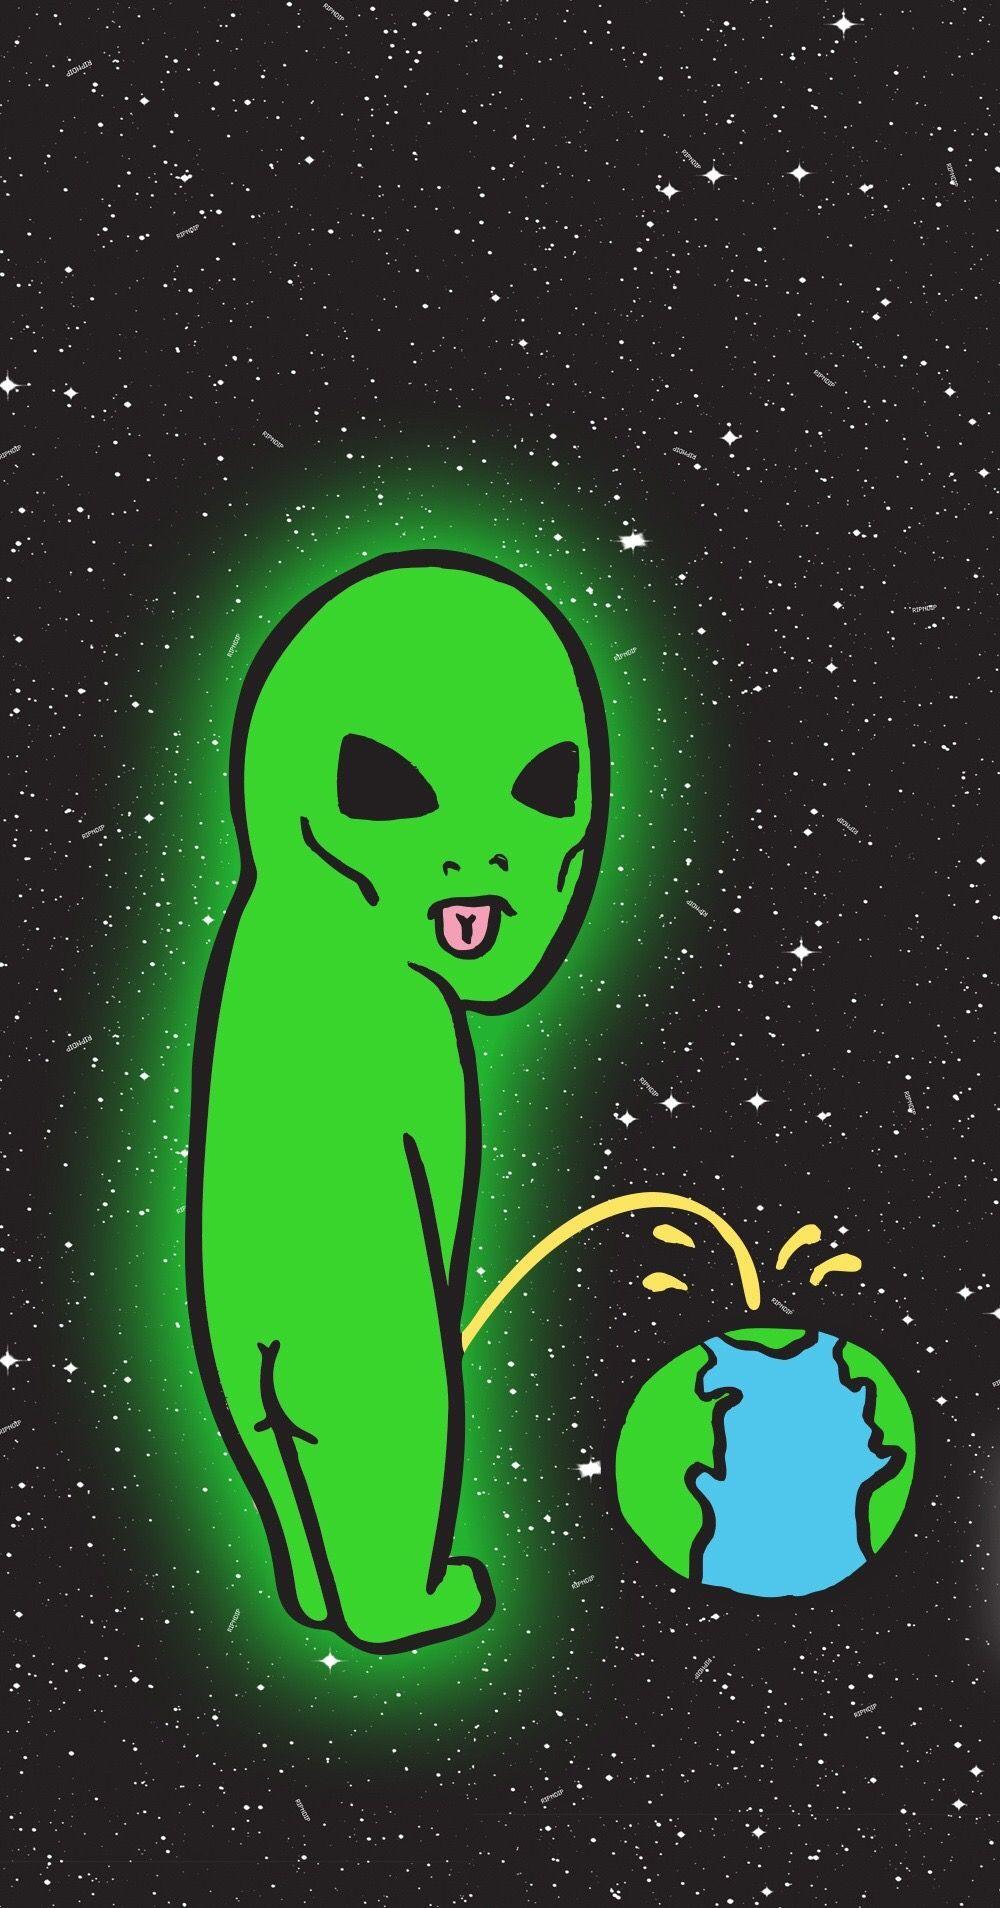 Pin by Nikol Peneva on Frck Alien drawings, Alien